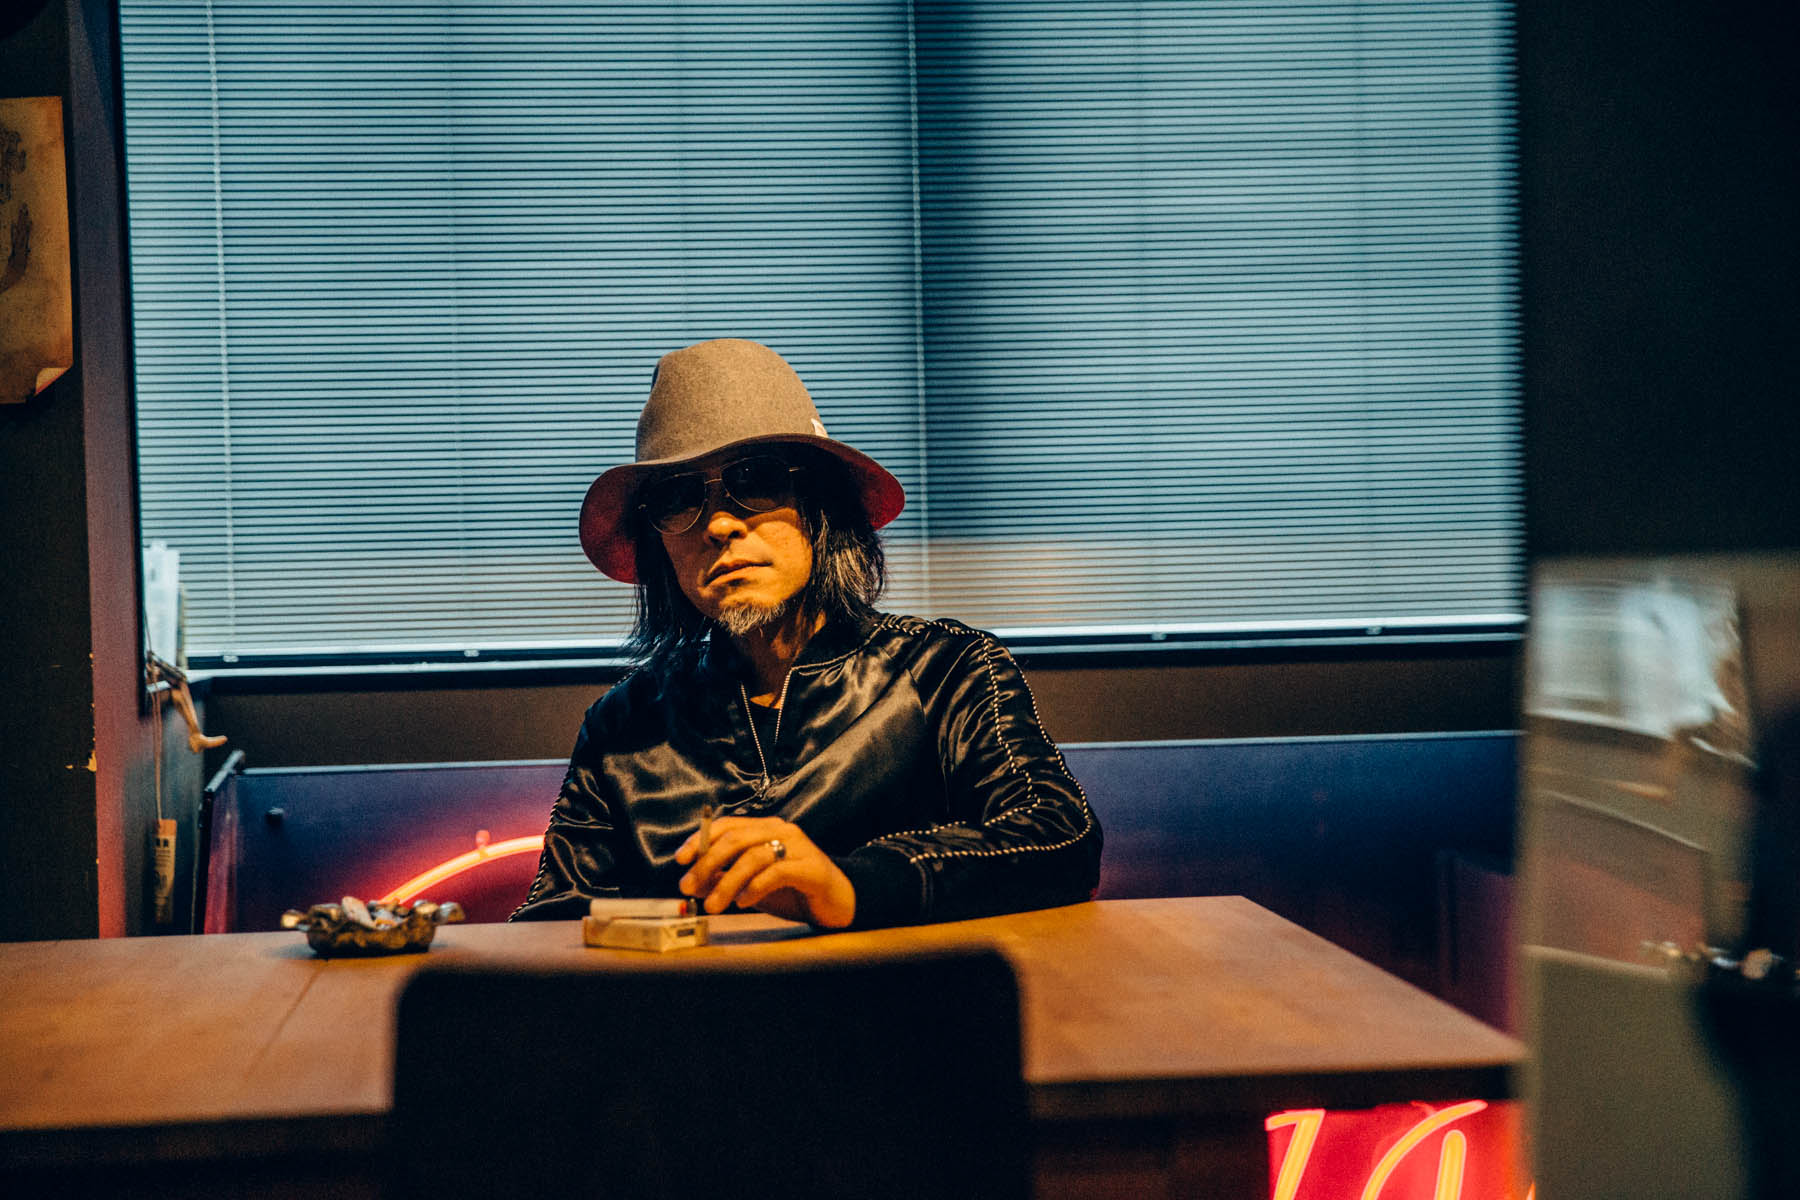 MG_4077 チバユウスケ、自身のフジロック出演歴から現在のフジロックの楽しみ方までを語る